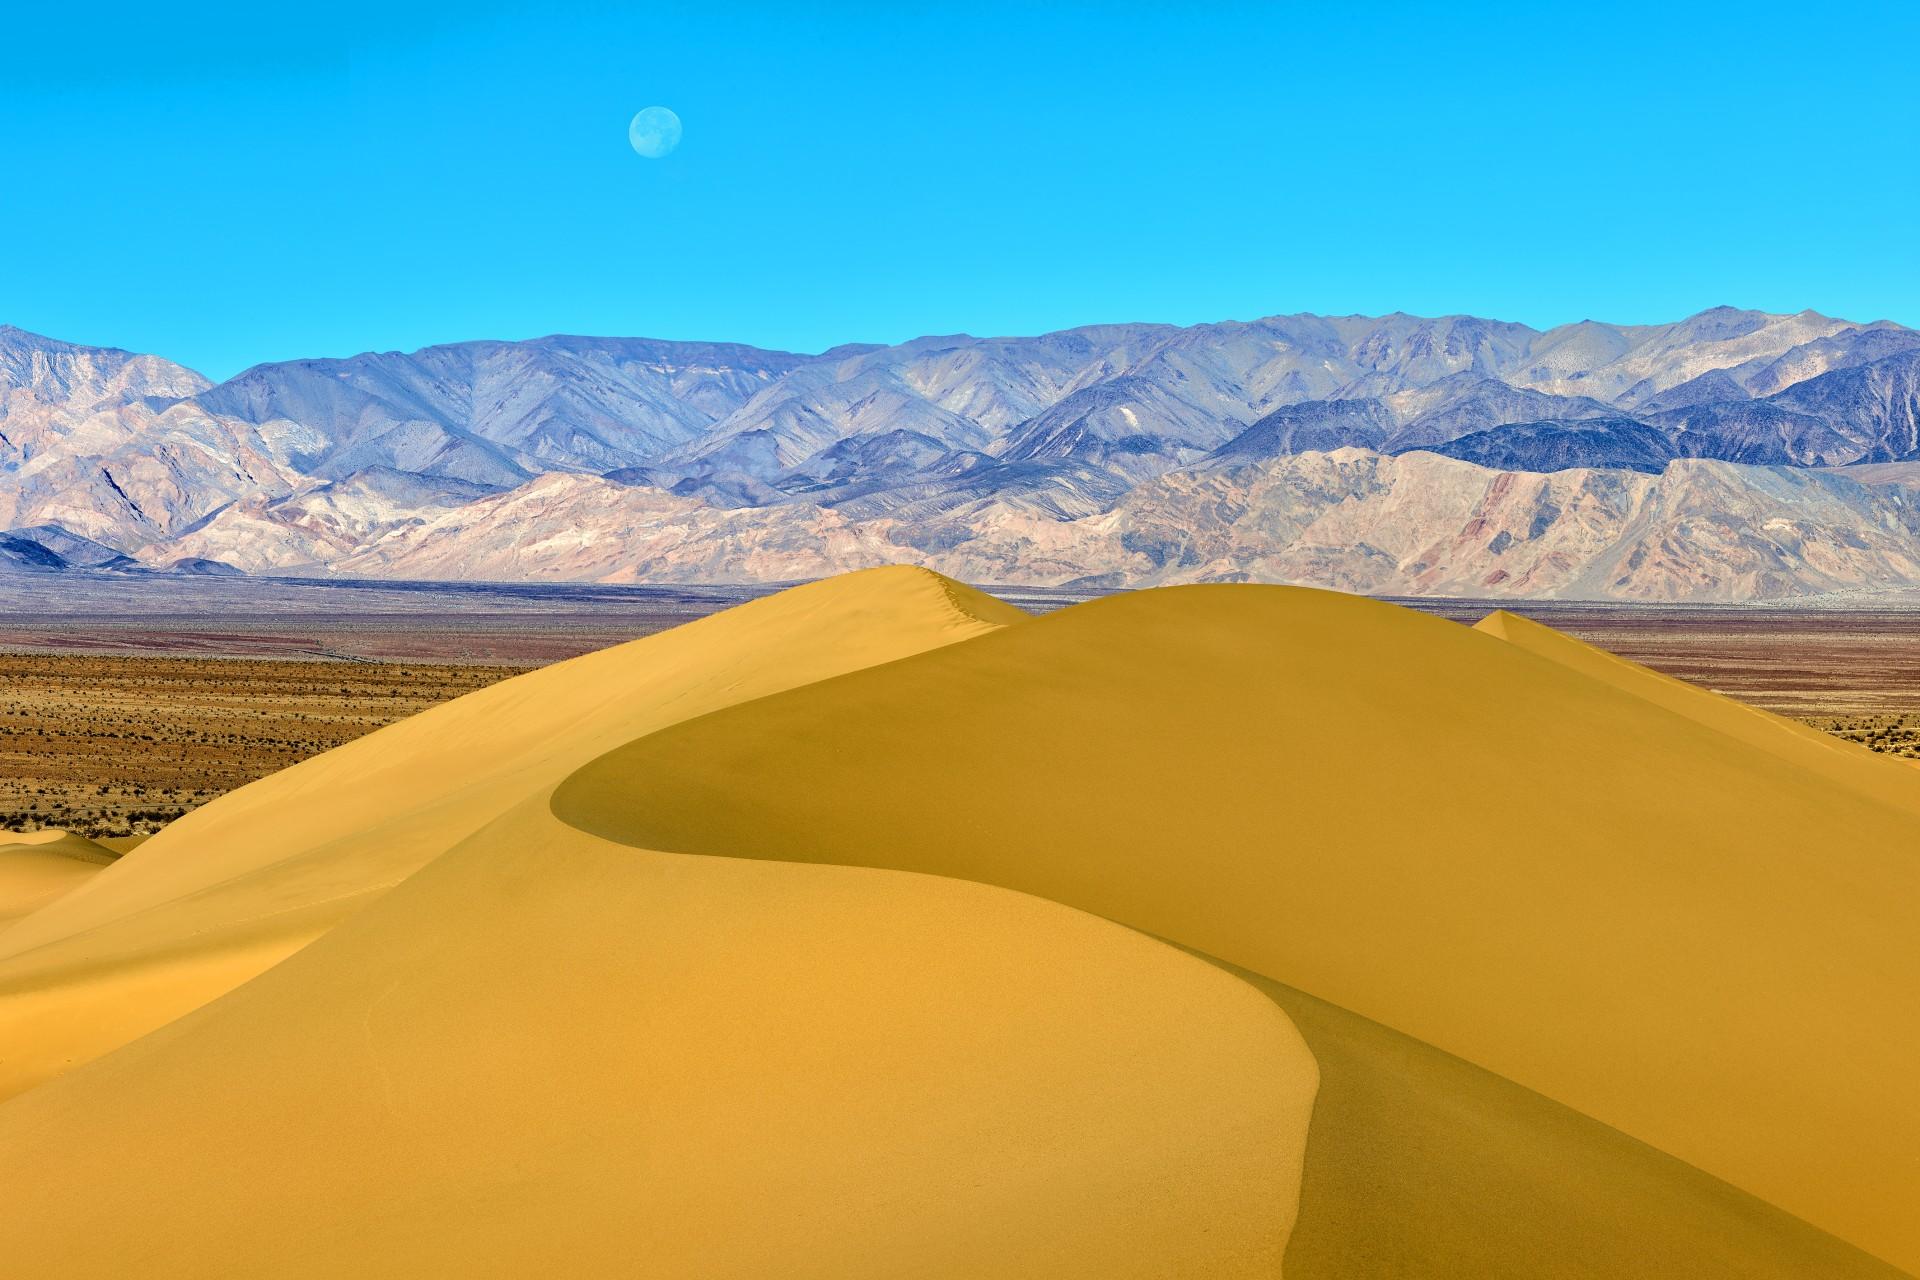 Fotó: Németh Tamás: Homokdűne hold-nyugtával<br />Kategória: Tájak<br />Helyezés: 1. díj<br /><br />Mesquite Flat Dunes homokbuckái és a majdnem telihold lenyugvó koronája, amely közelíti a horizontot a Death Valley Nemzeti Parkban, Kalifornia, Egyesült Államok. Az alapos felkészülés ellenére, egyes fotók a túra során sokkal nehezebben jöttek össze a tervezettnél. A pokoli klíma és a homokvihar mellett a turisták nyomai se tettek jót az előre megálmodott képnek. Ezért harmadszorra is nekifutottam a dűne meghódításának, ezúttal hajnalban, miután a vihar kisimította a homok felületét. A minél részletesebb végeredmény érdekében panoráma technika alkalmazását választottam. A táj mélysége megkívánta, hogy az egyes részeket fókusz sorozattal rögzítsem, így összesen 36 felvételből jött létre az alkotás.